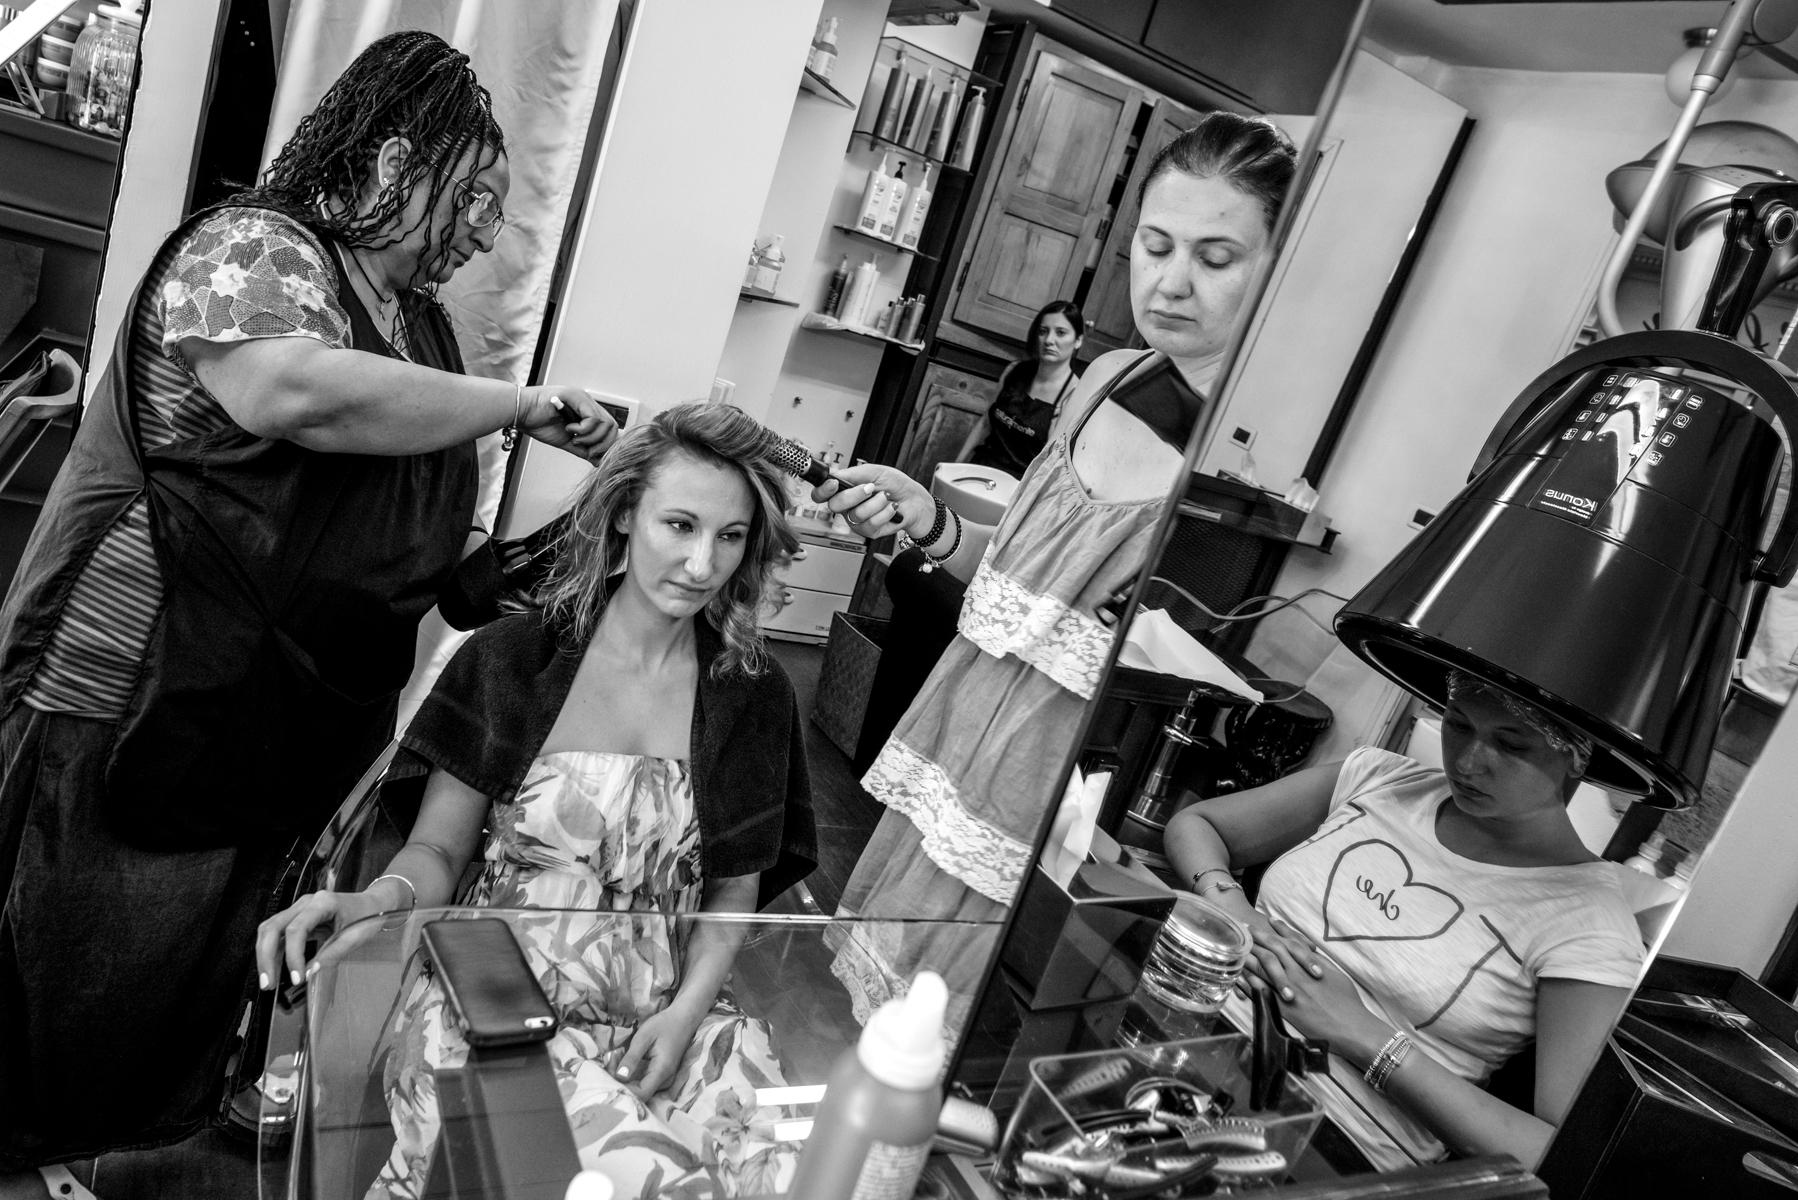 Schönheitssalon L'Autografo - Parma - Italien - Vorbereitung der Braut in einem sehr kleinen Schönheitssalon, in dem die Räume aufgrund der großen Präsenz von Spiegeln groß sind. Die Braut hat auch einen Raum zum Umziehen.